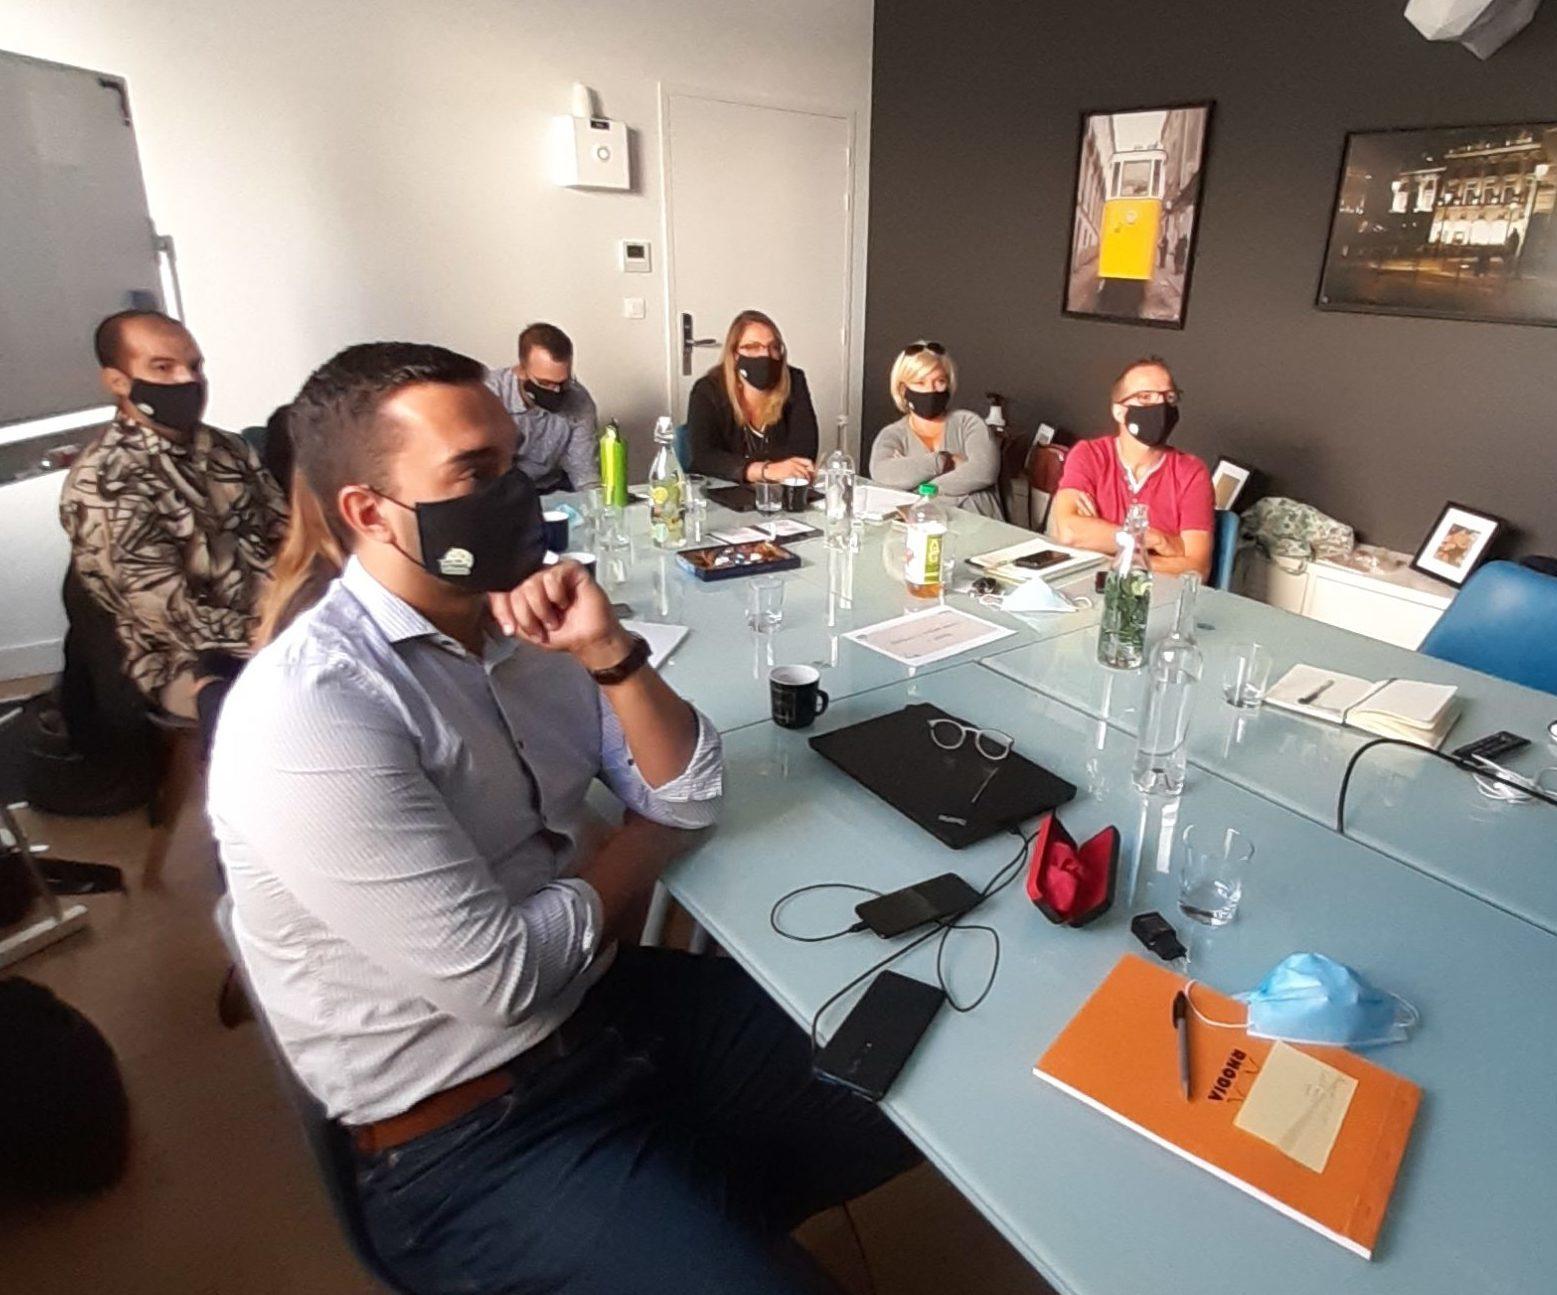 séminaire salle de réunion equipe bonduelle chez Coworking BigFive